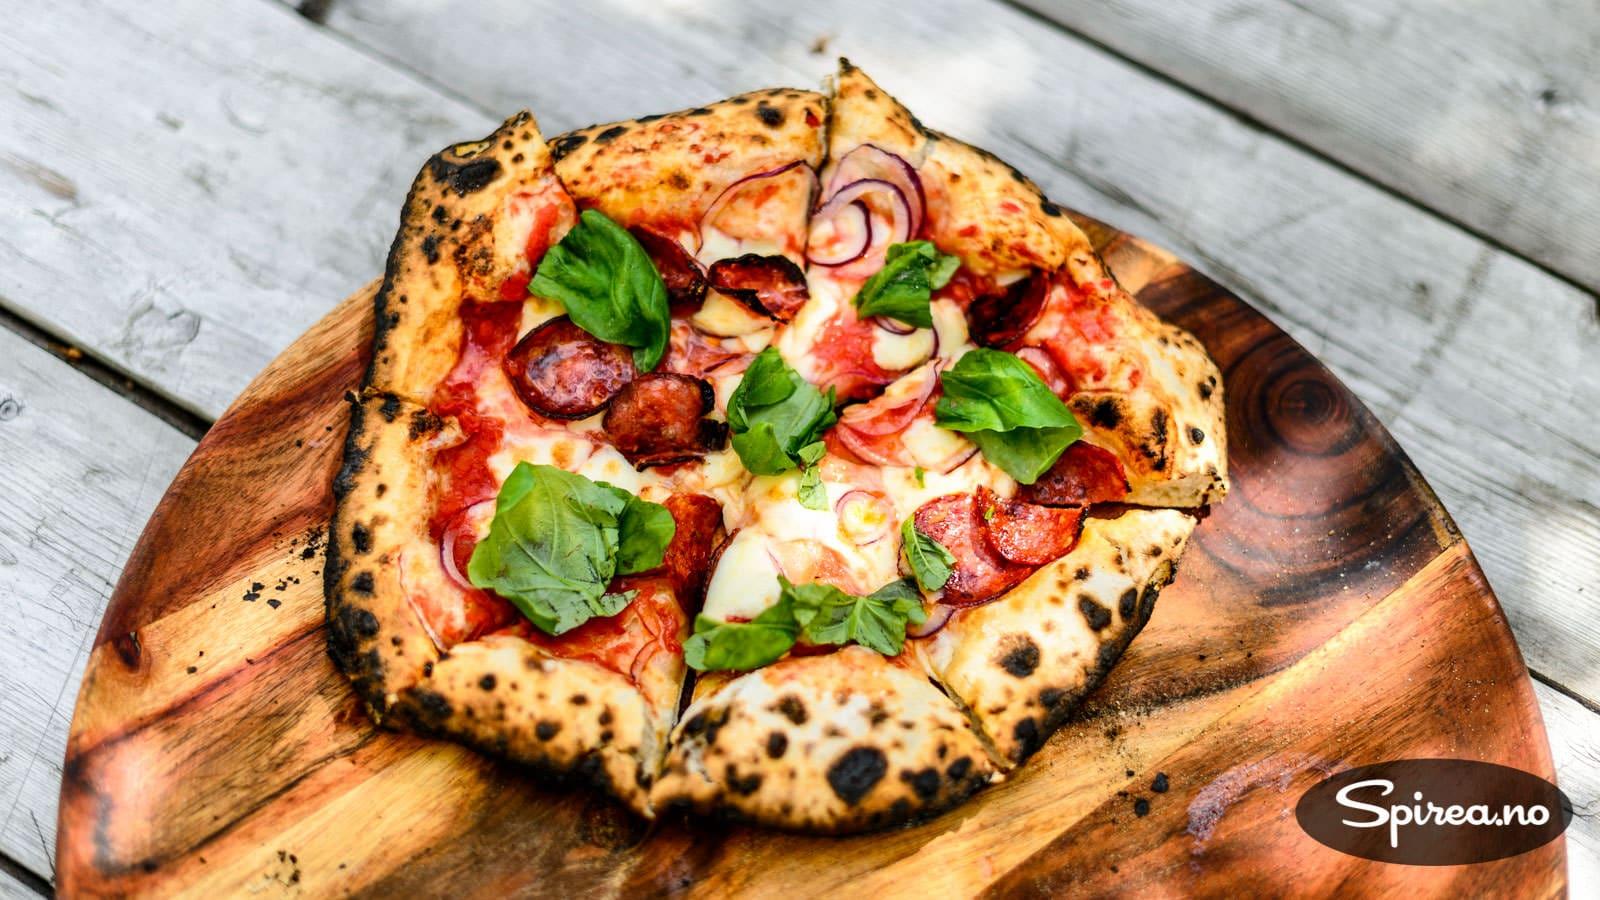 Steinovn pizza